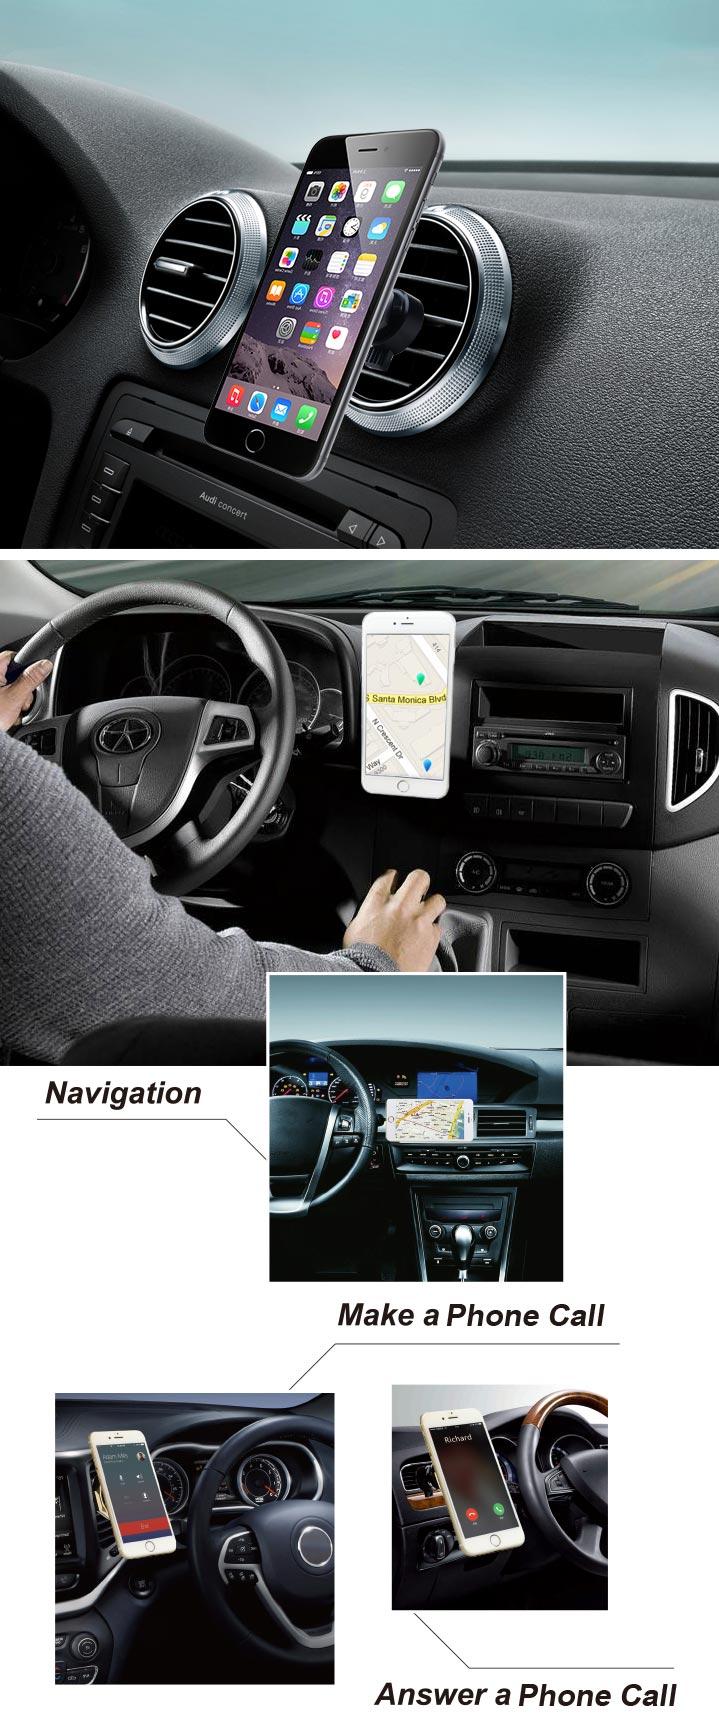 360 360도 회전 자동차 자기 휴대 휴대 전화 홀더 마운트 브라켓